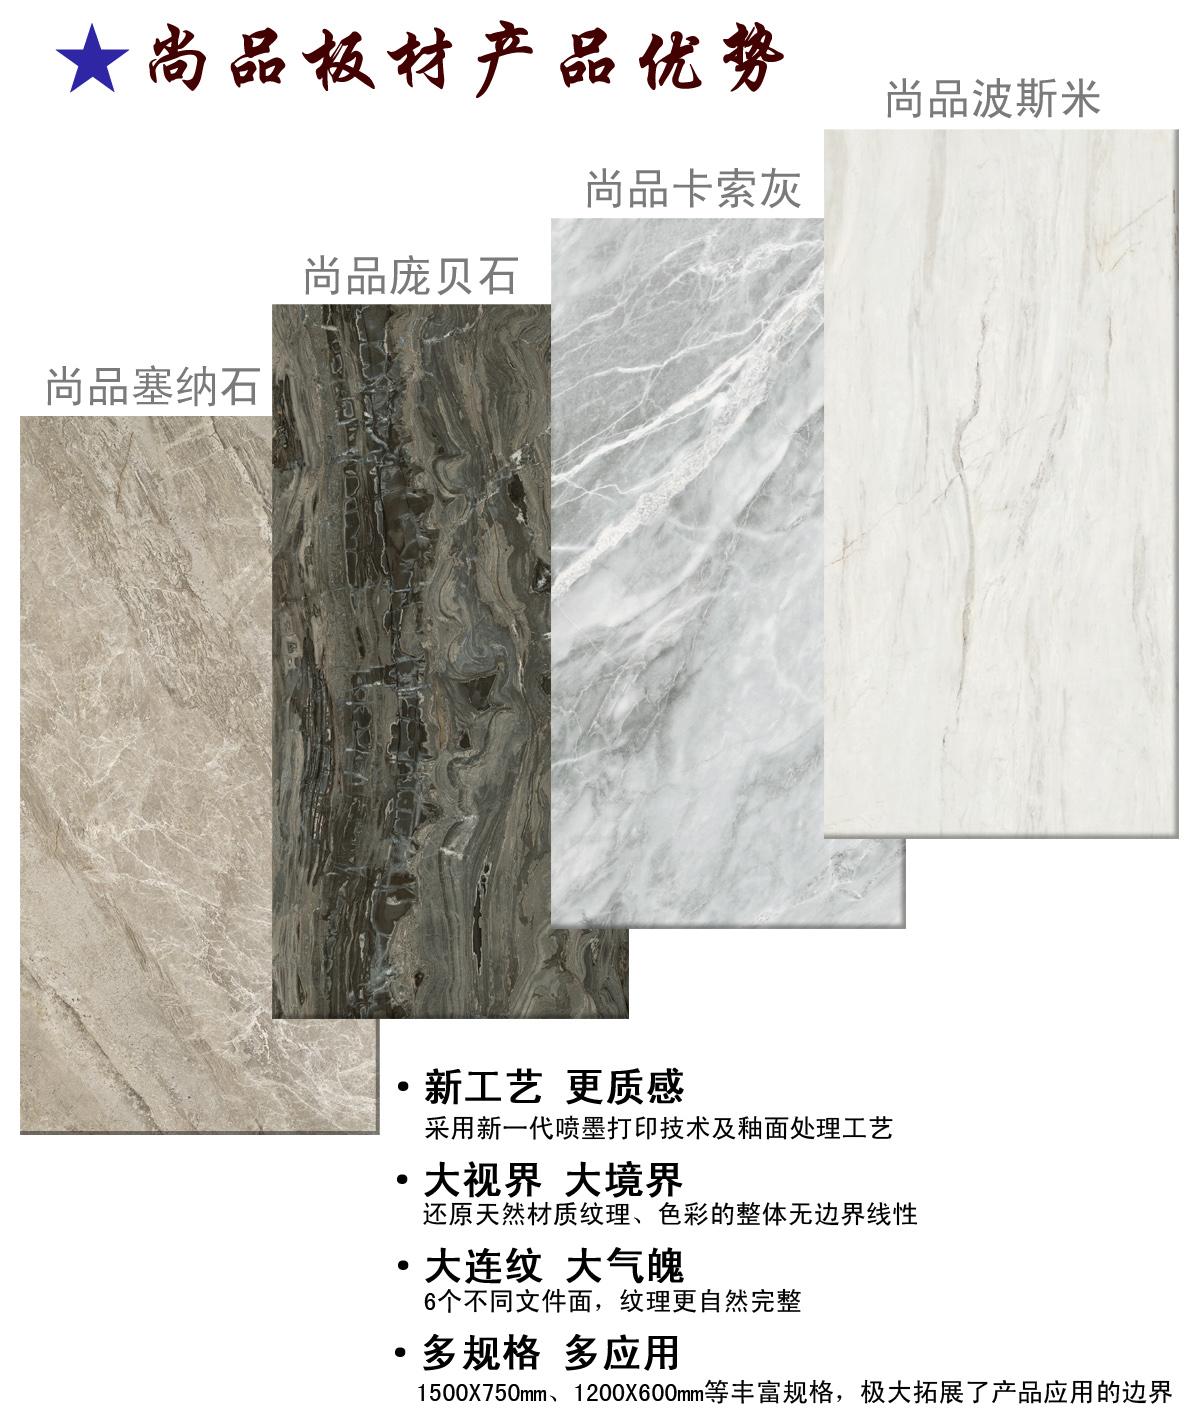 板材产品优势.jpg